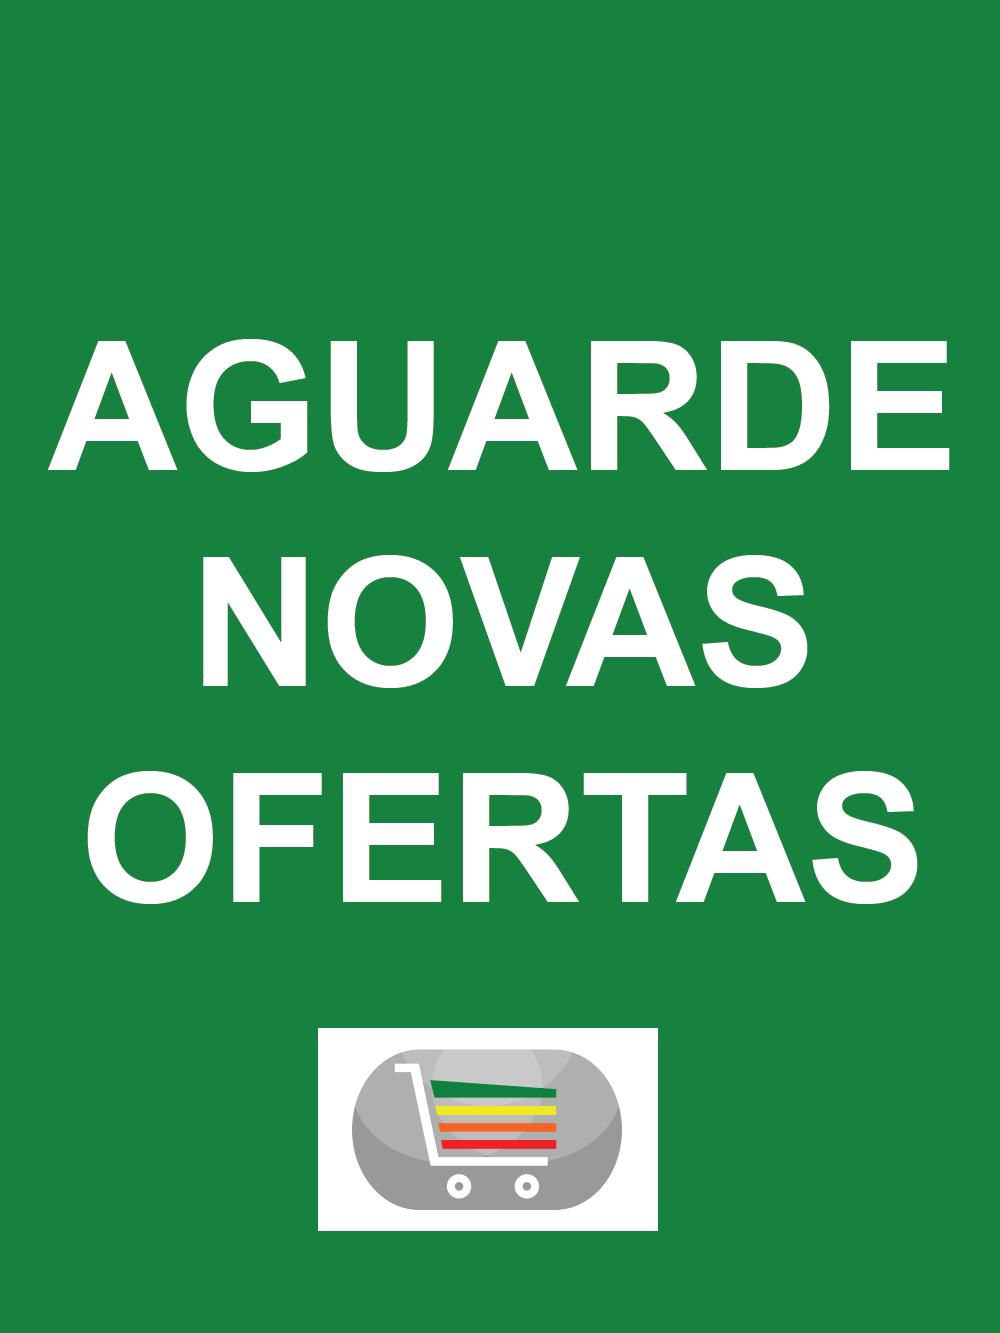 ofertas_de_supermercados Mais acessados